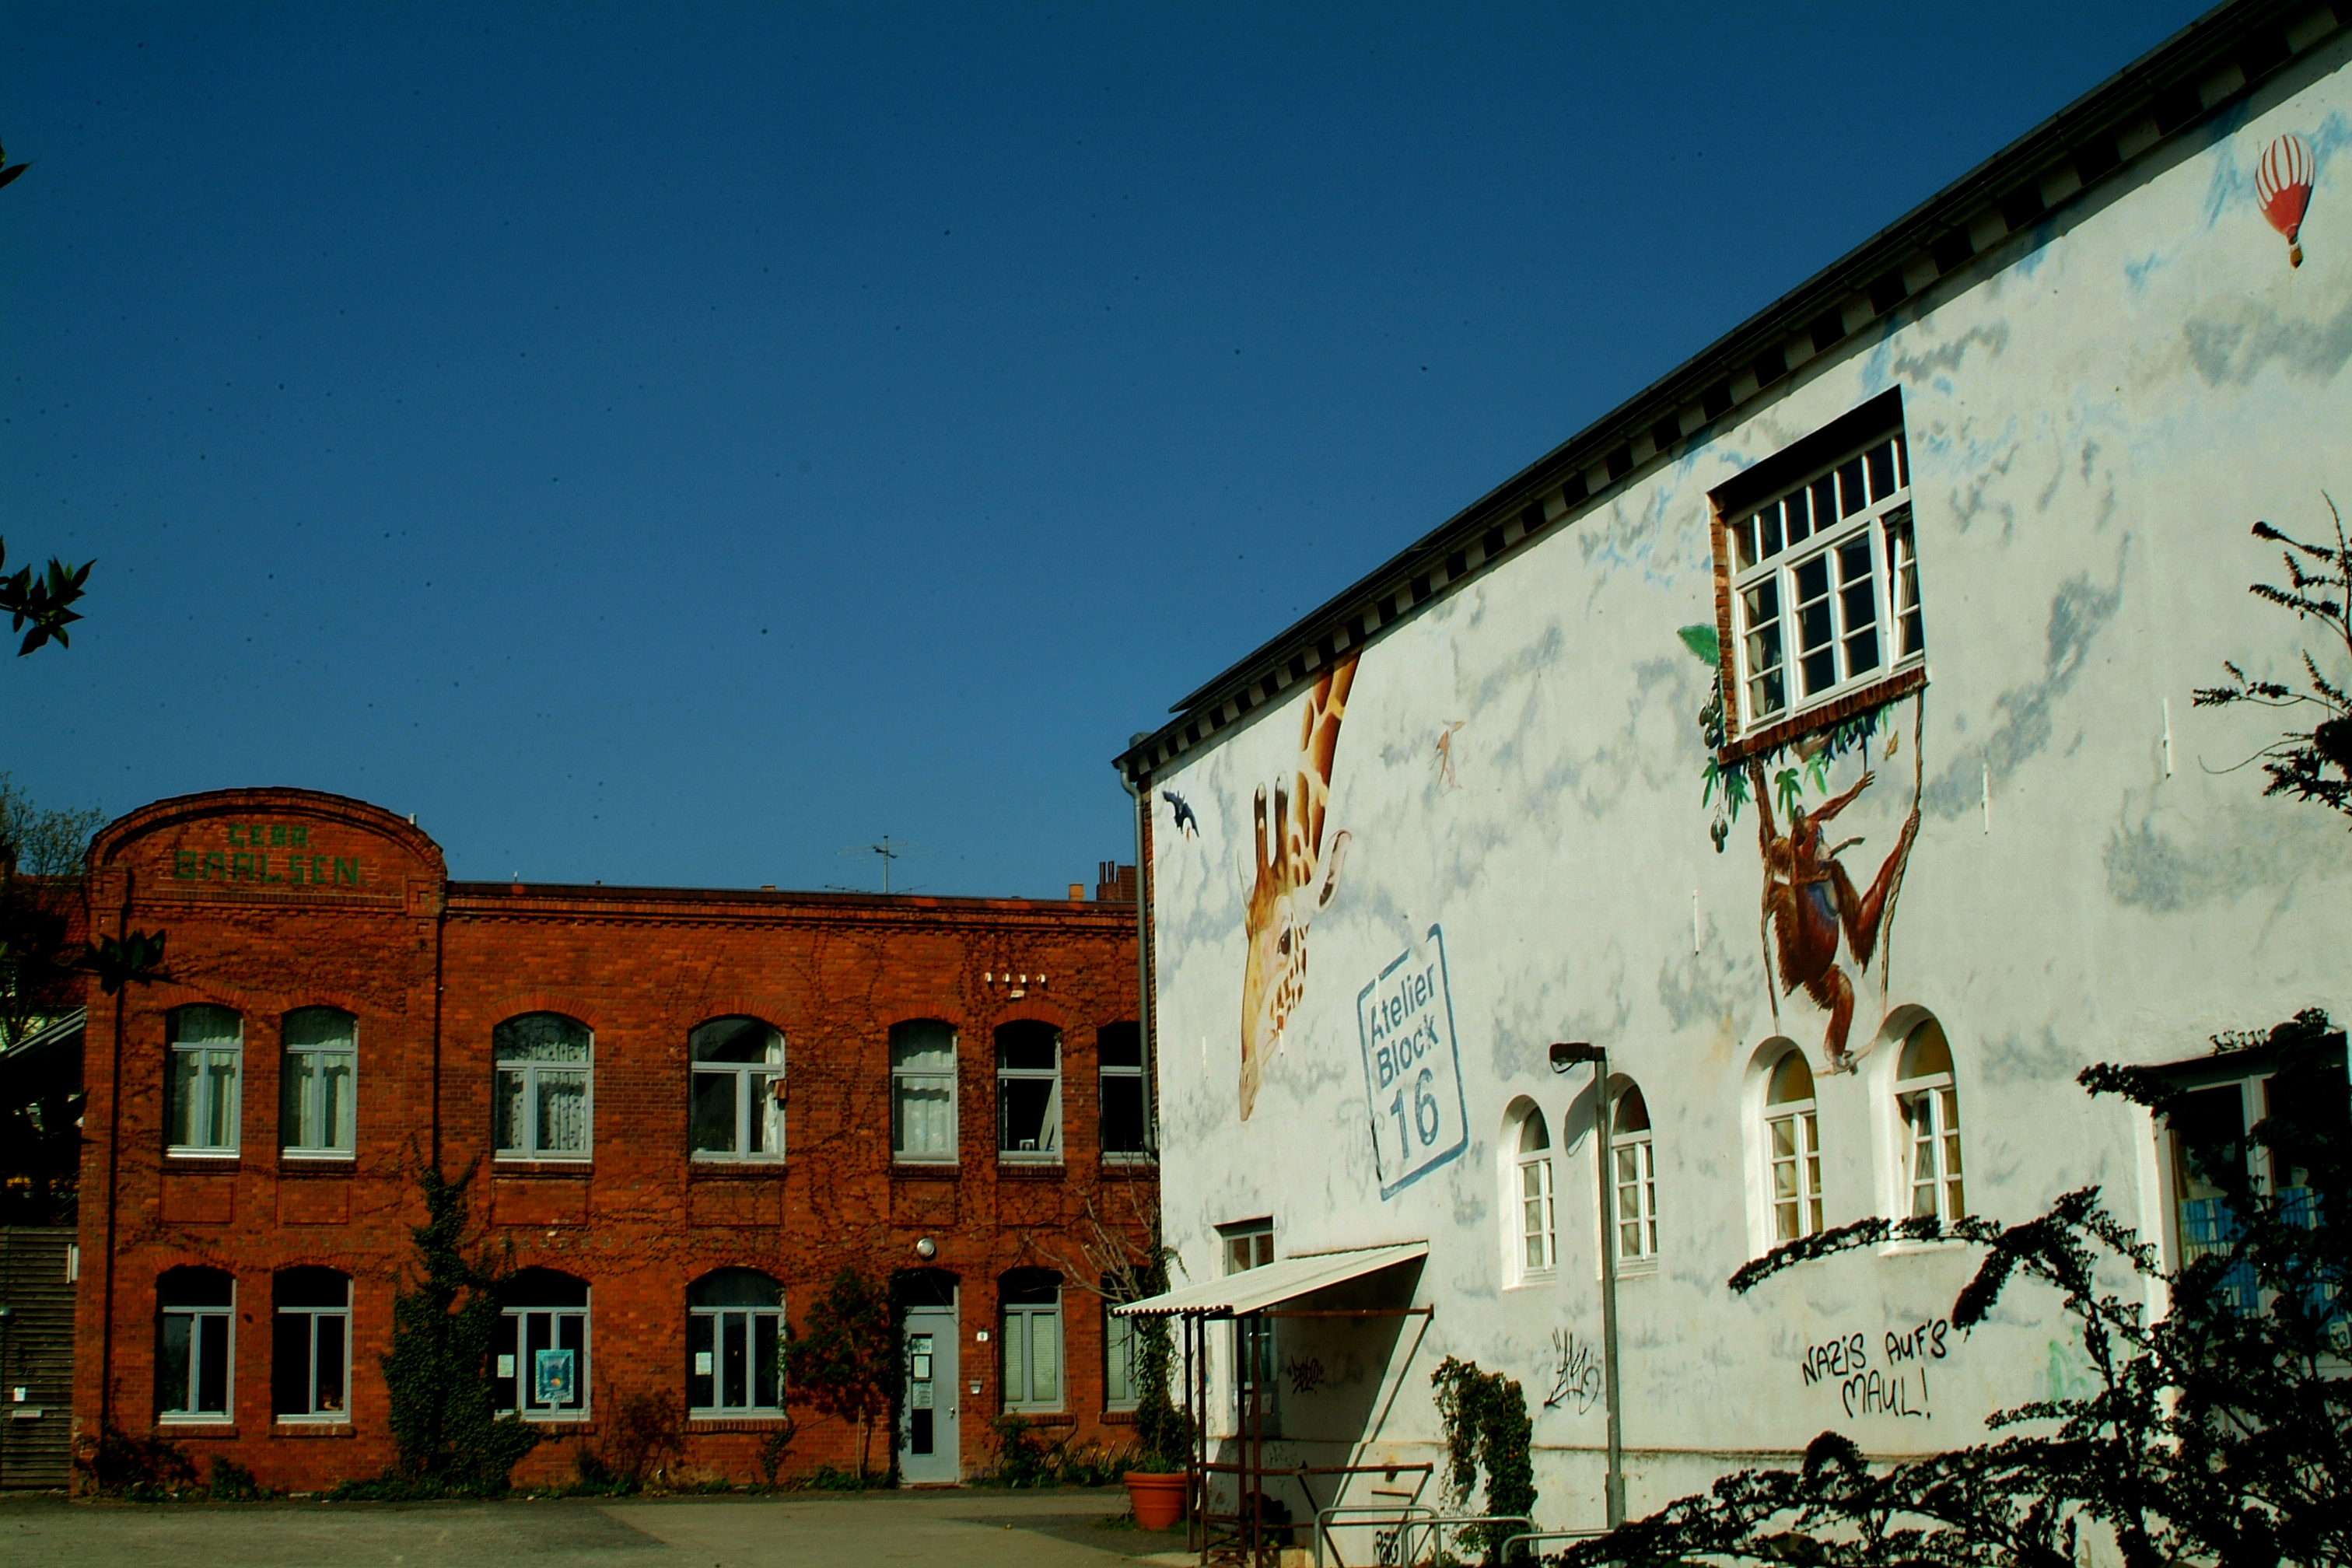 Künstler Hannover file edwin oppler weg 14 künstler atelier block 16 hannover jpg